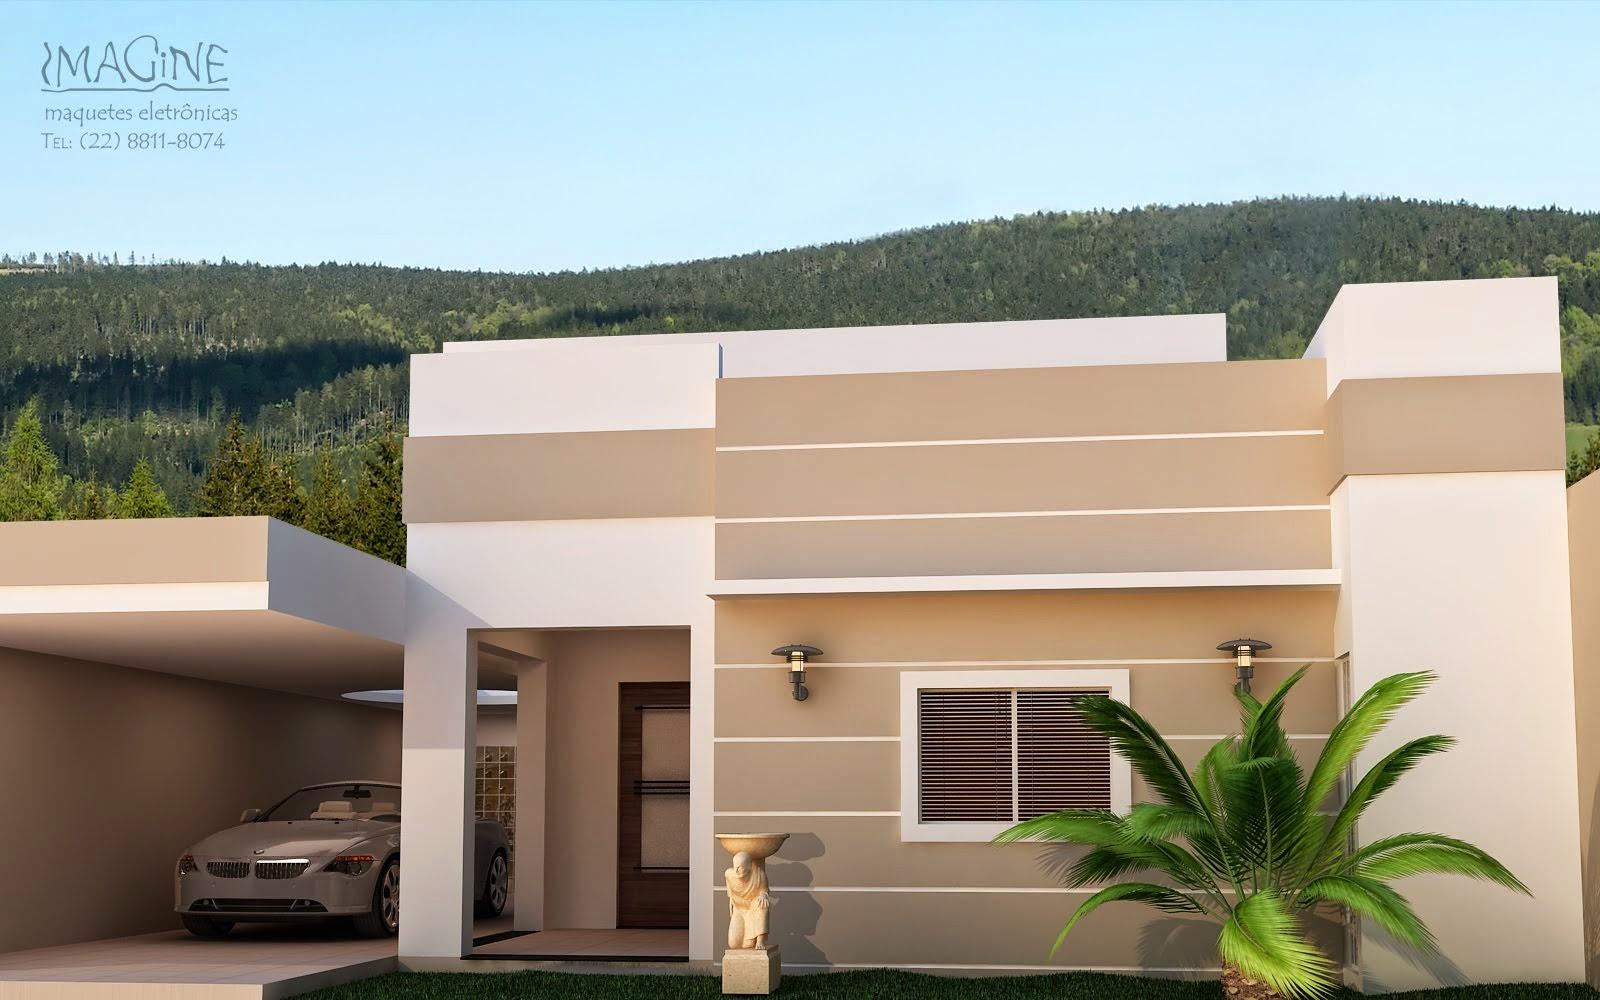 Fachadas de casas pequenas bonitas e modernas blog for Casas modernas y pequenas